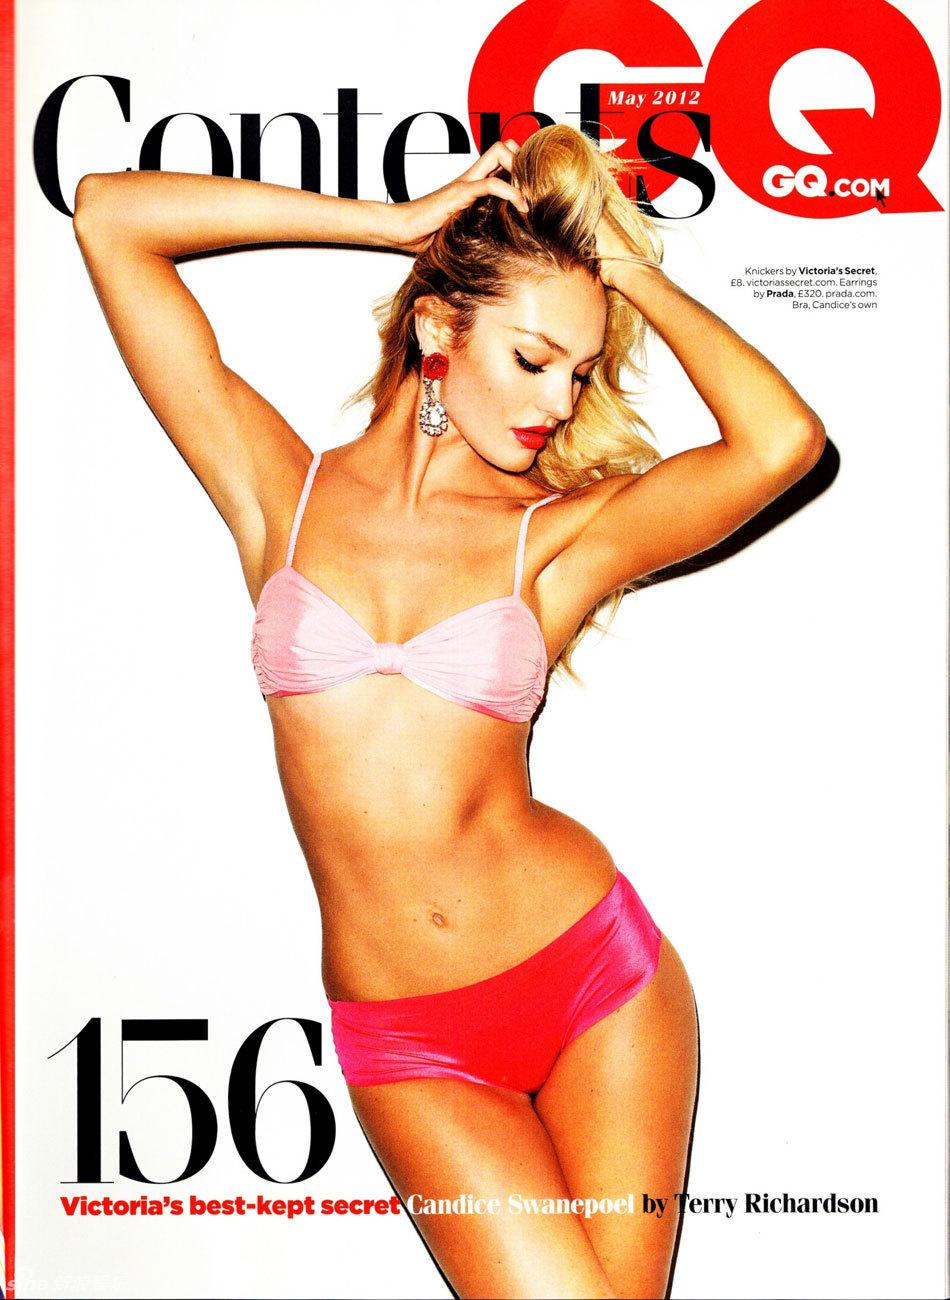 高清组图 超模坎蒂丝 斯瓦内普尔登 GQ 封面